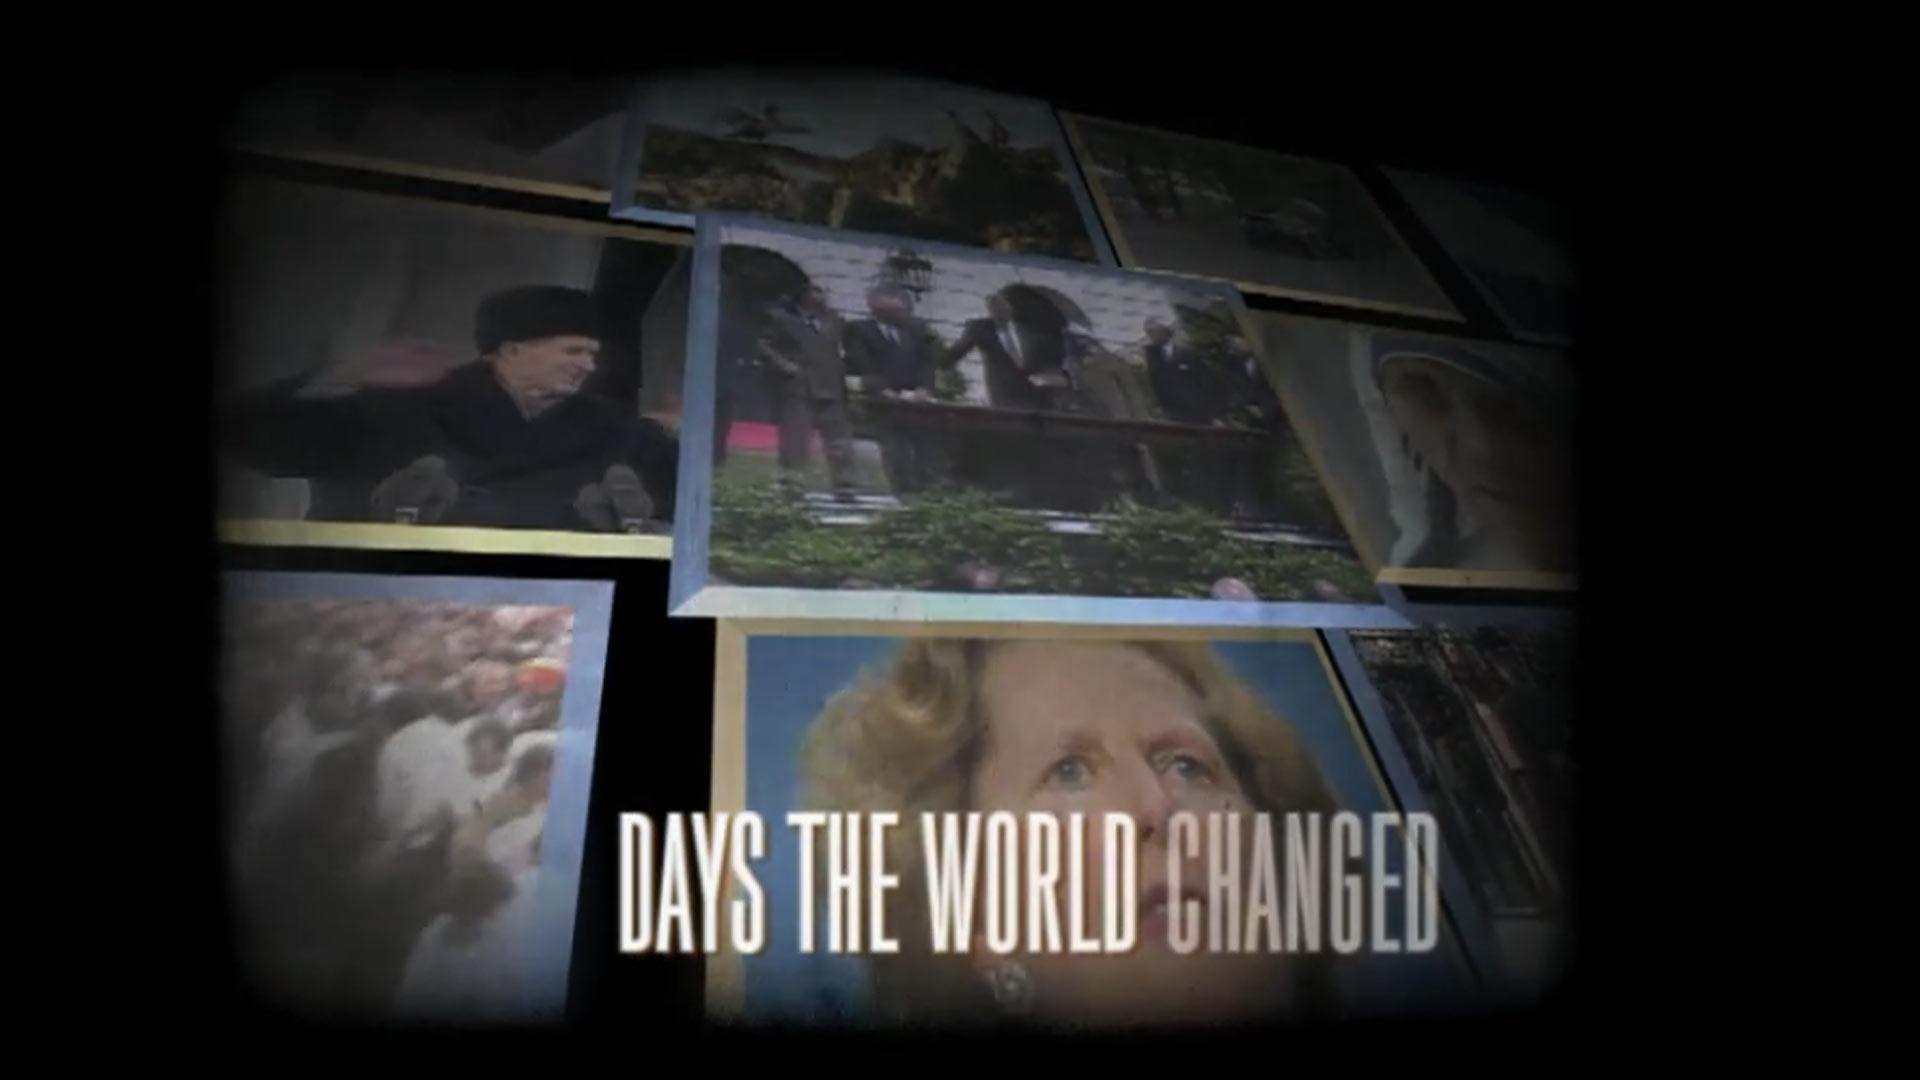 Watch Full Movie - ימים ששינו את העולם - נפילת חומת ברלין, הפלת צ'אוצ'סקו, סוף המלחמה הקרה, שחרור נלסון מנדלה ועוד